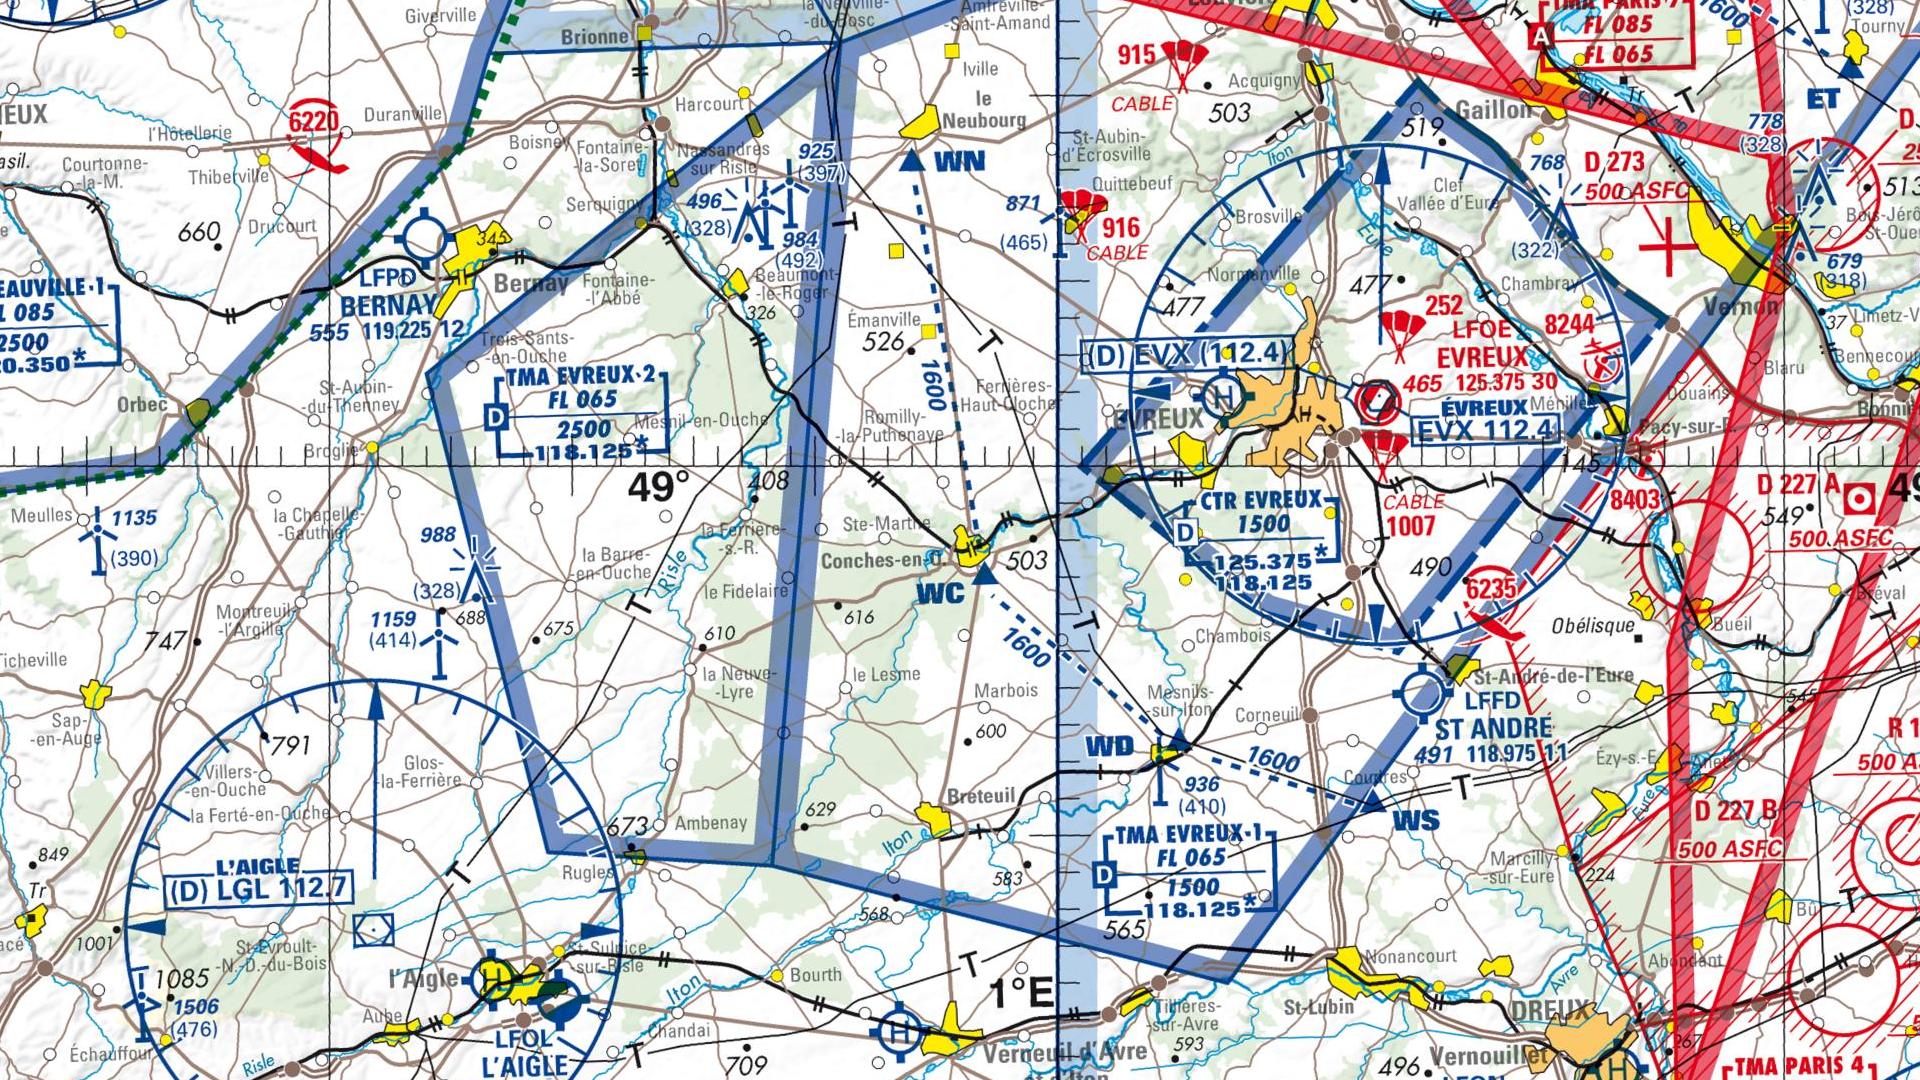 Réglementation drone à Conches en ouche